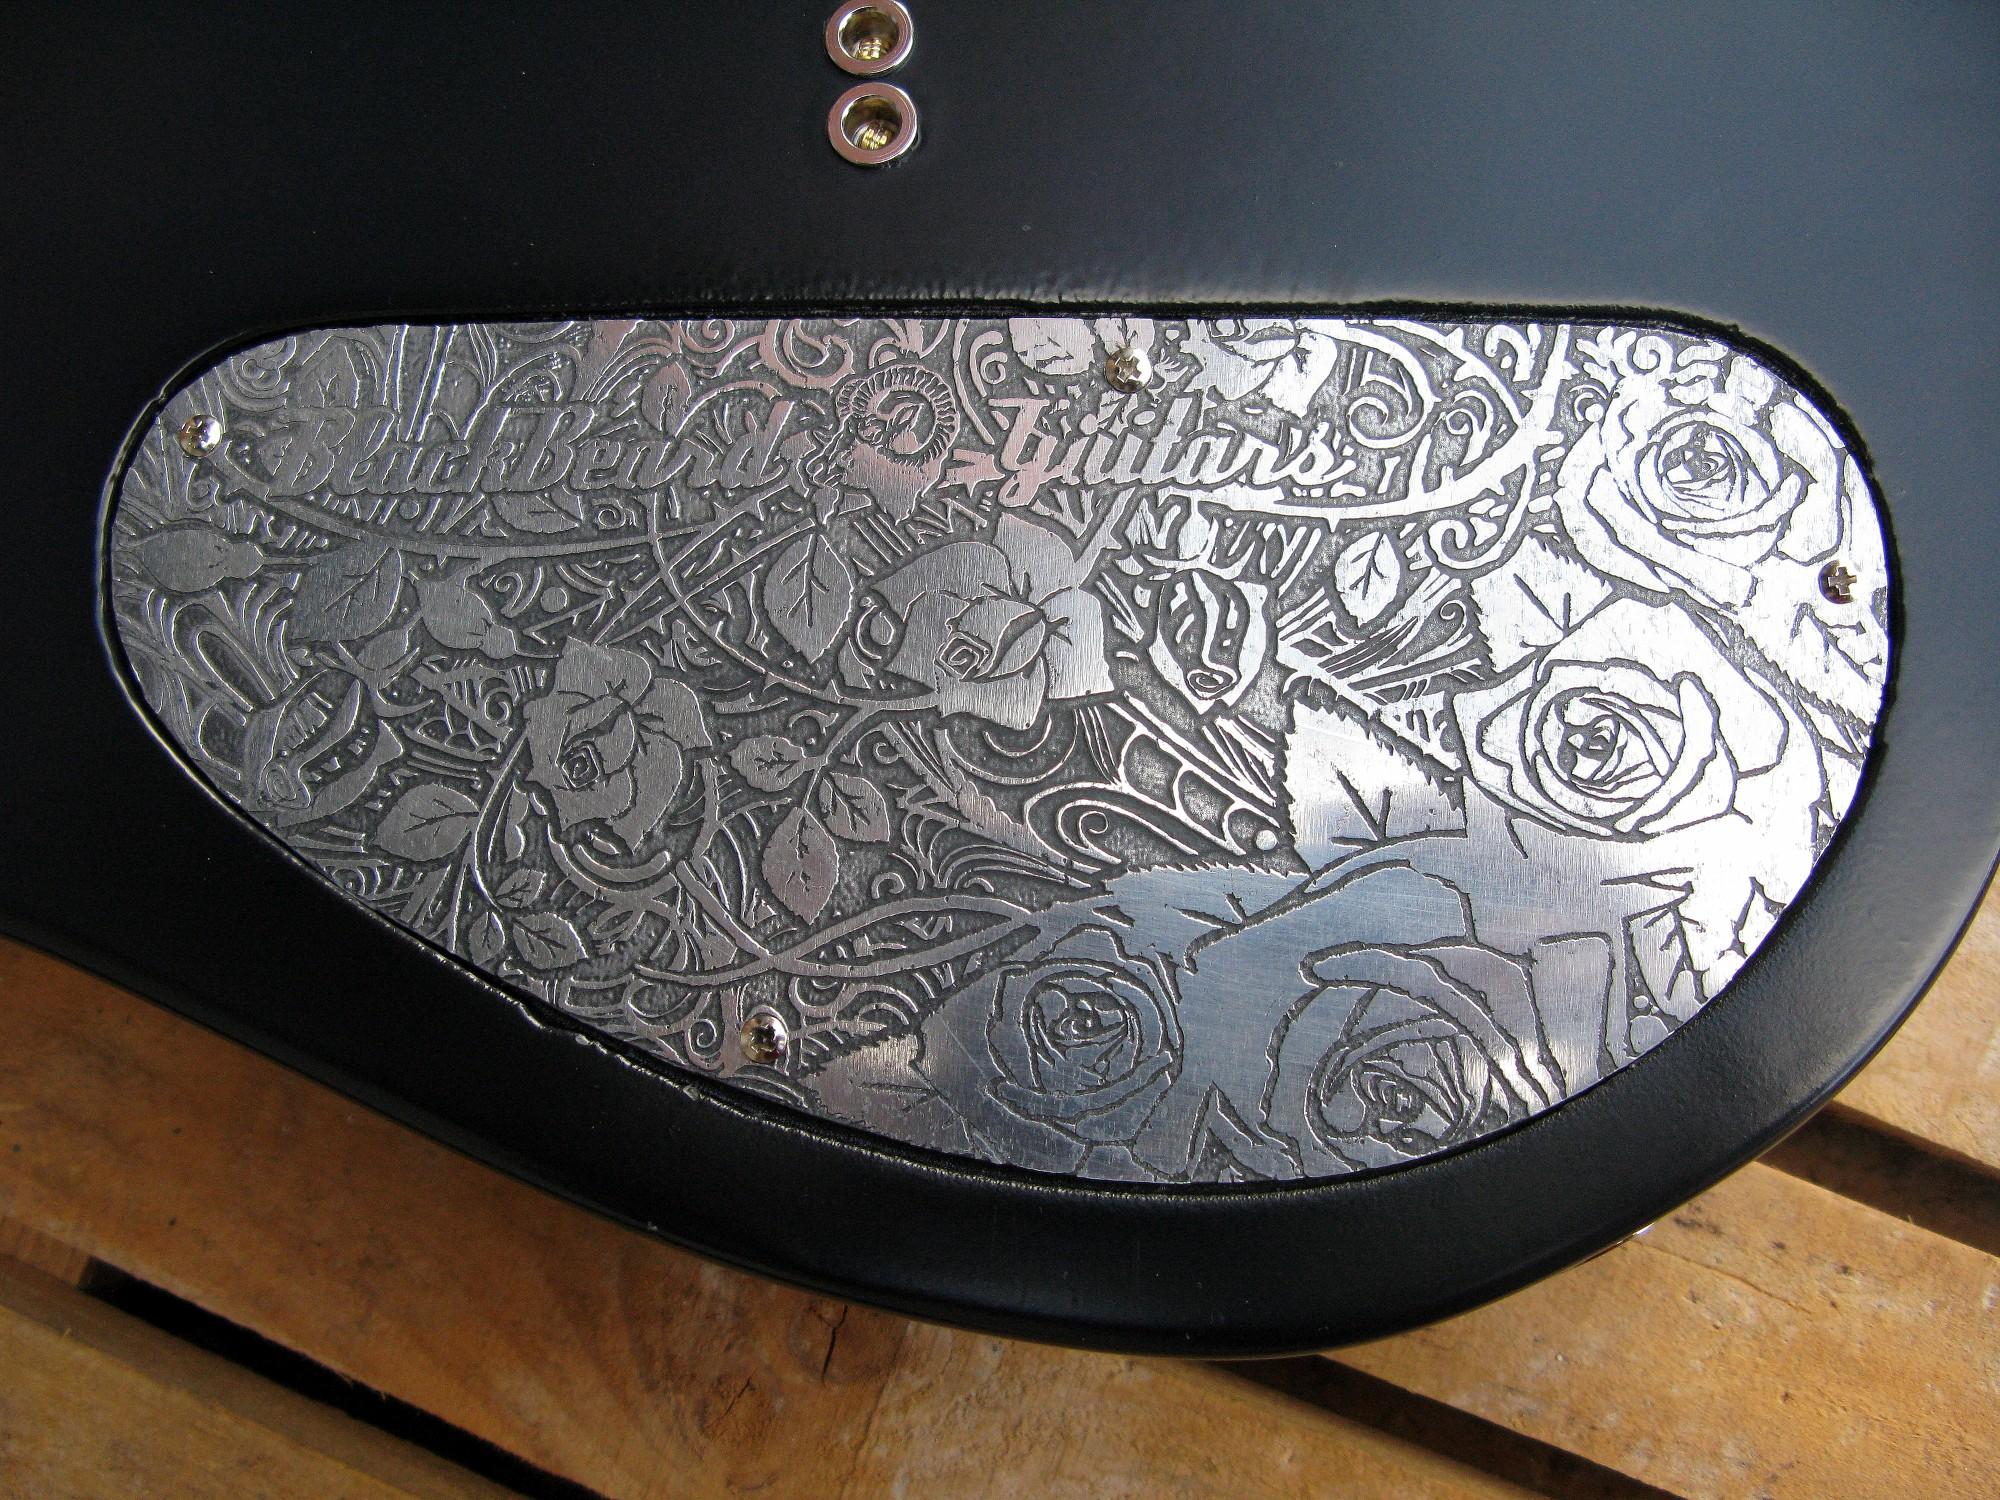 Chitarra telecaster in pioppo retro piastra alluminio inciso